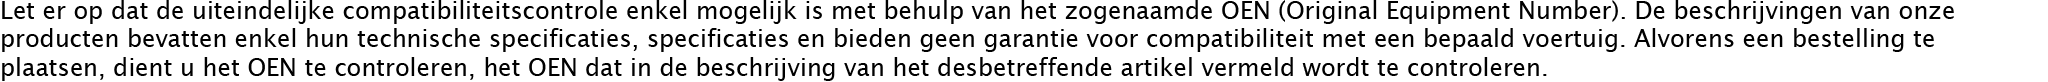 NGK BY482-BKR6E, MZ 602 075, LL1, LPG1, LPG Laser Line 1 Bougie